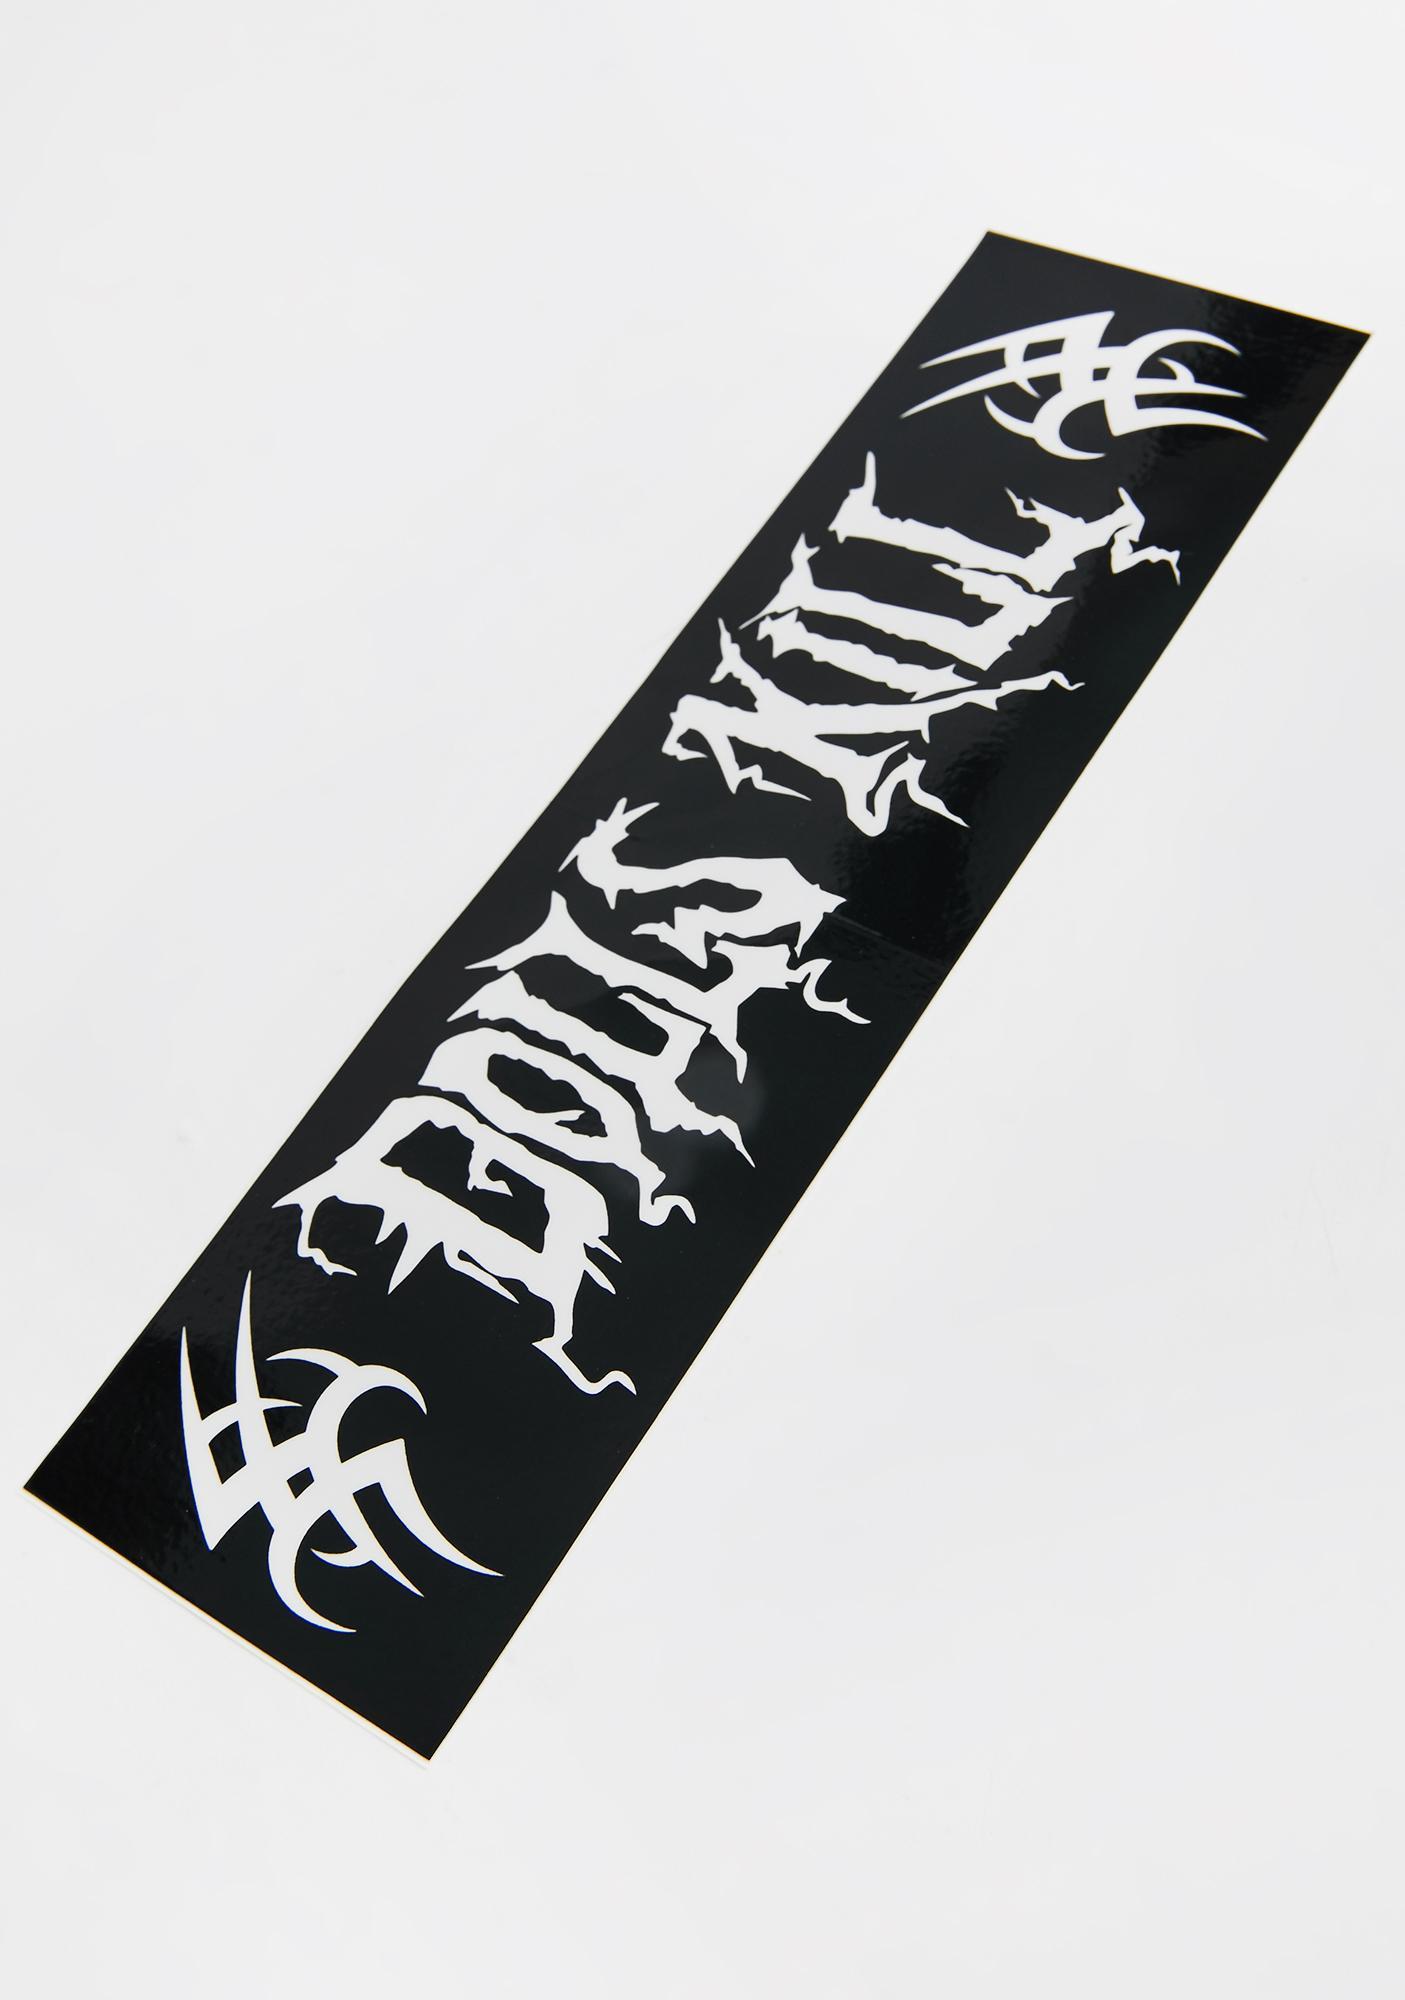 Metal Head Dolls Kill Bumper Sticker